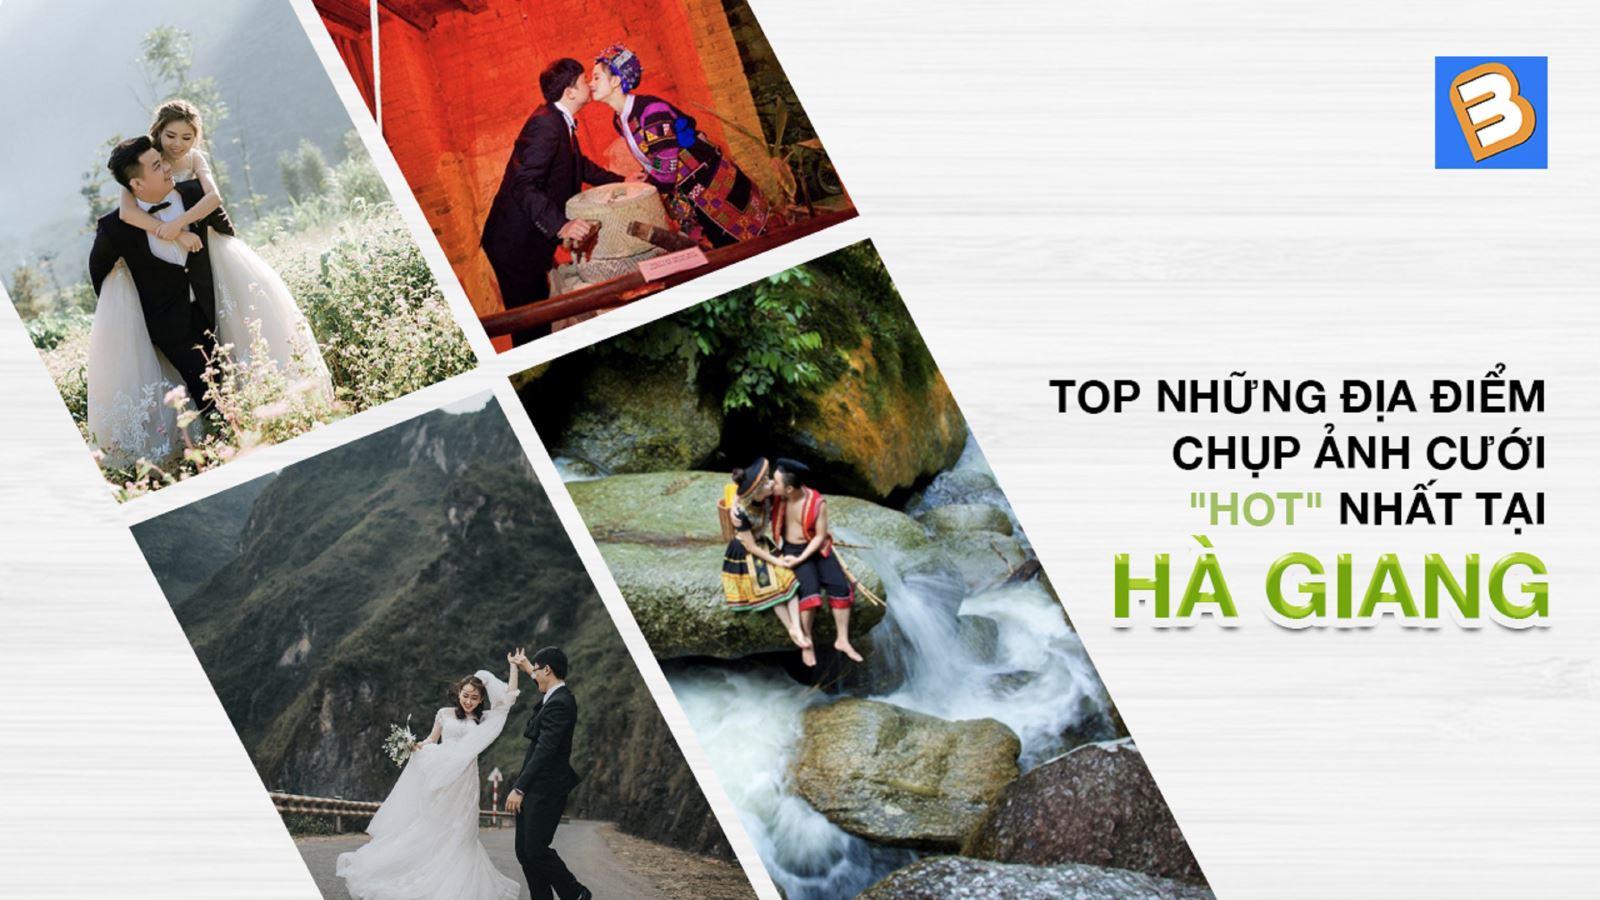 Top những địa điểm chụp ảnh cưới 'hot' nhất tại Hà Giang